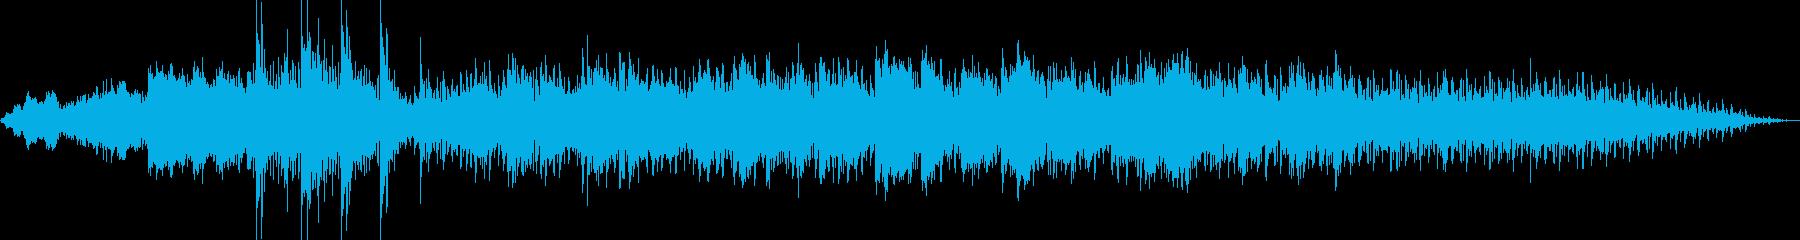 これはアイルランドの歌、ダニー・ボ...の再生済みの波形